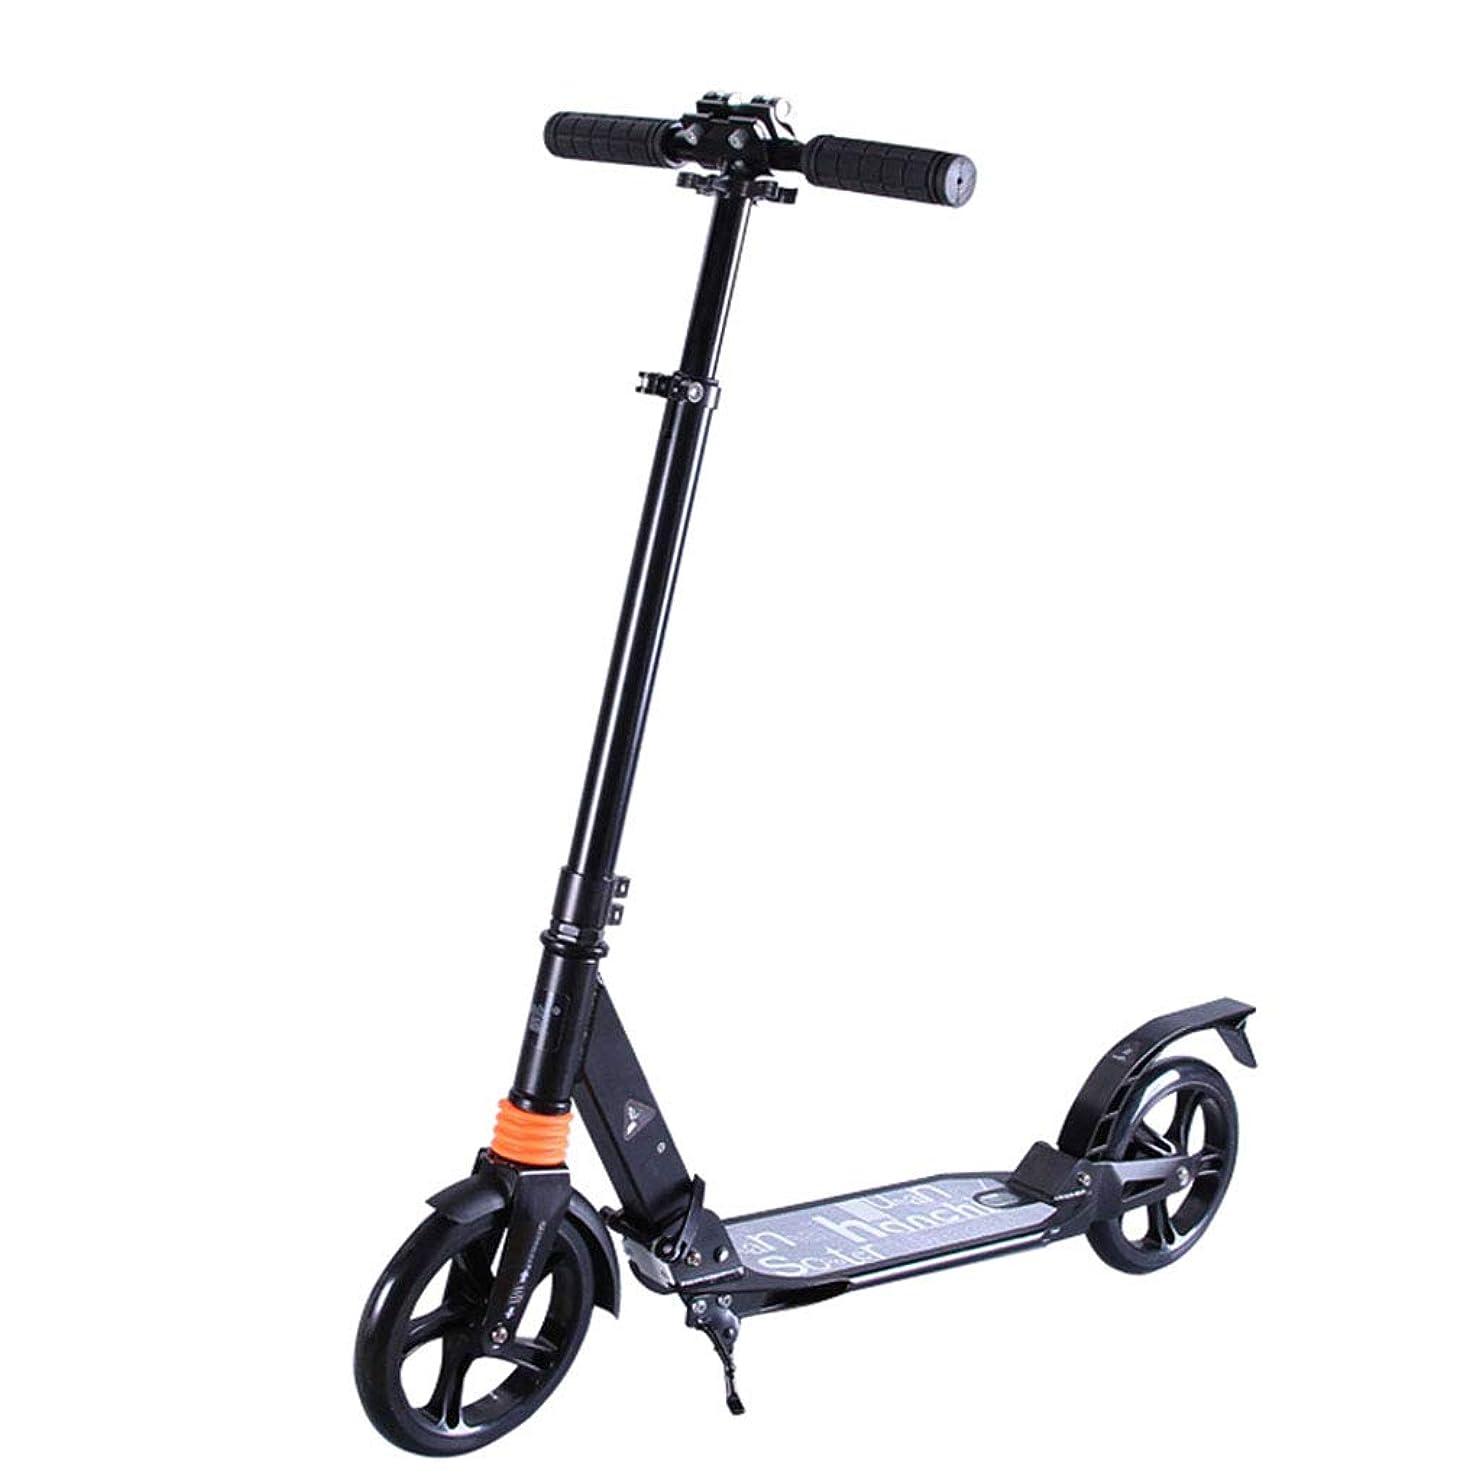 放映かろうじて議会子ども用自転車 子供蹴りスクーター 子供用屋外スクーター 成人用スポーツ用スクーター 幼児用幼児用車 成人用スクーター (Color : Black, Size : 96cm*13cm*108 cm)